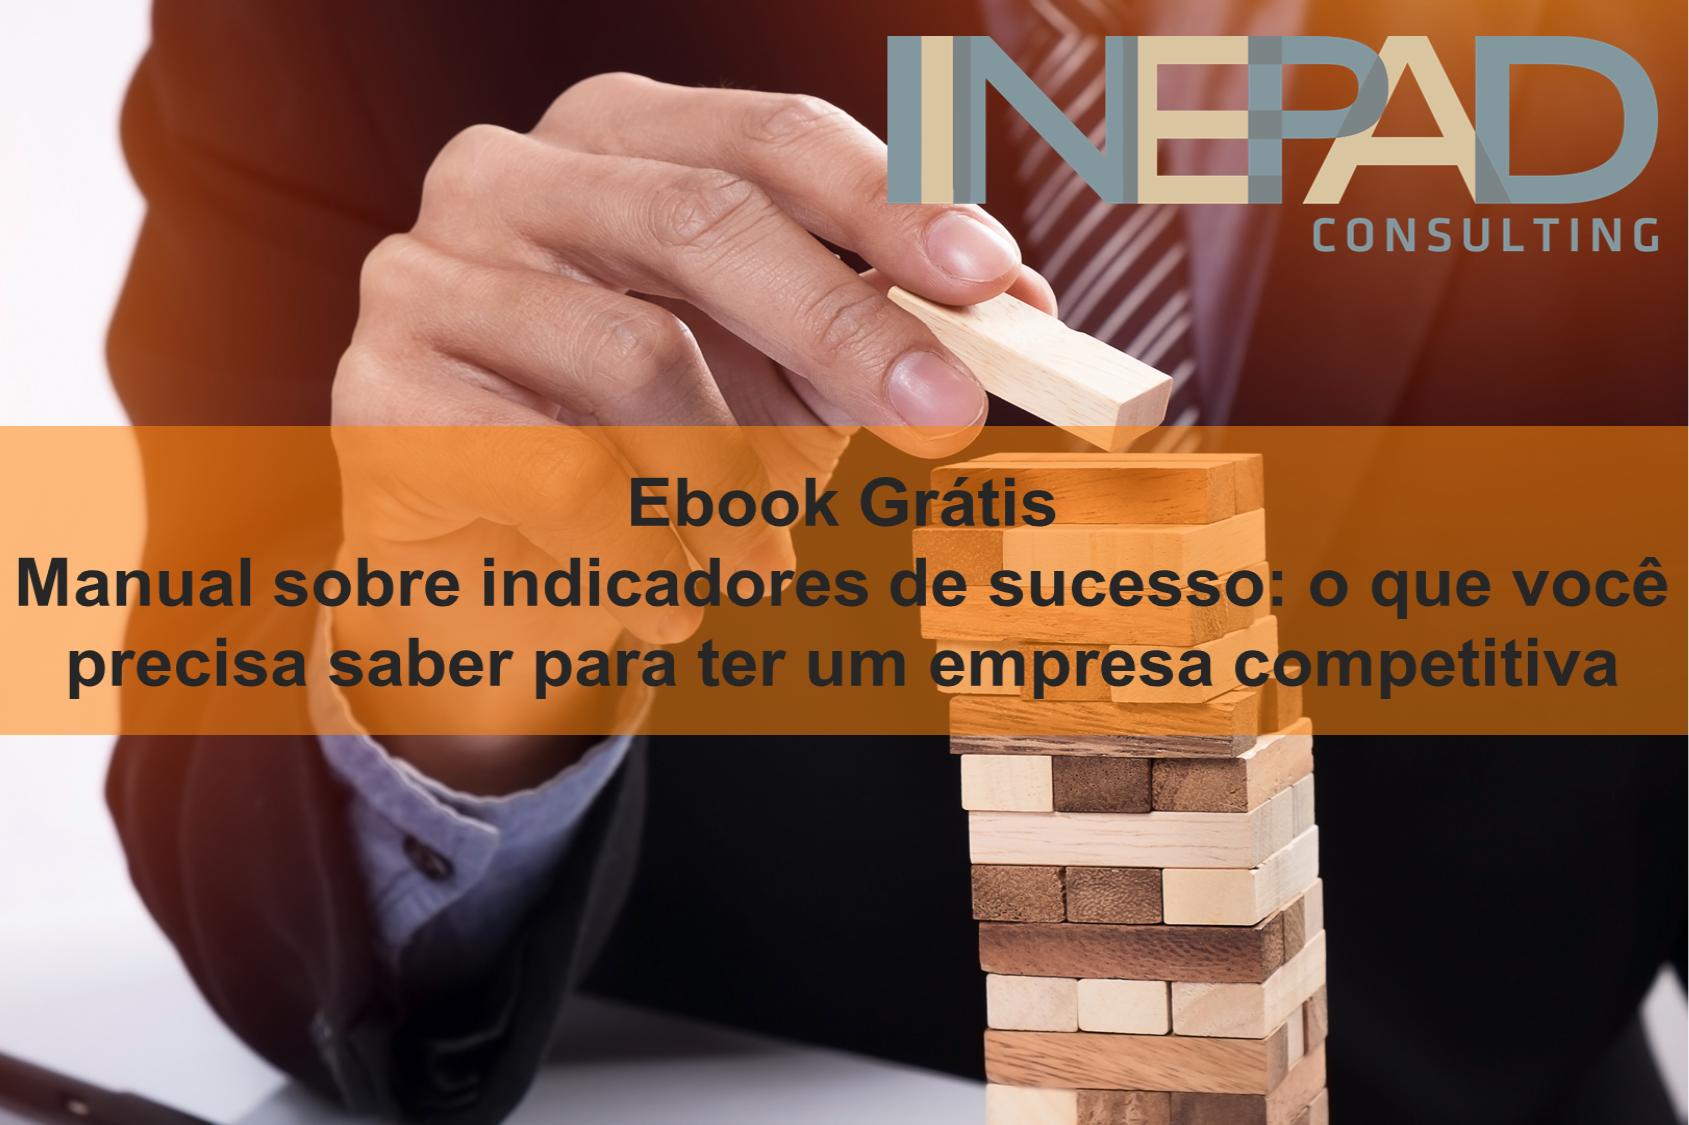 Manual sobre indicadores de sucesso: o que você precisa saber para ter um empresa competitiva